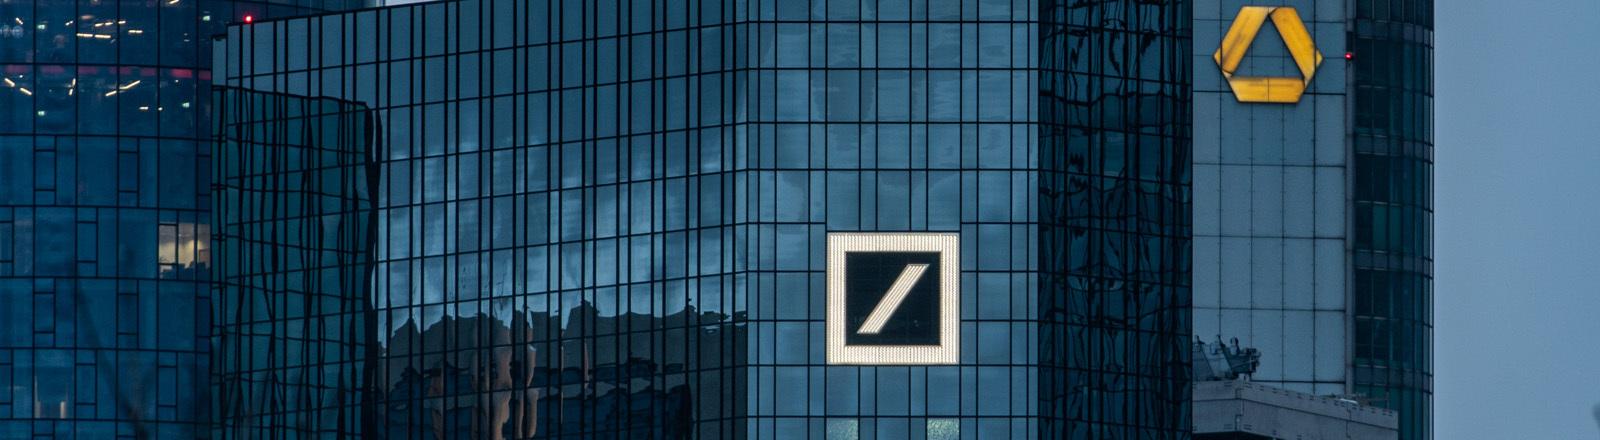 Hochhäuser mit Zeichen Deutsche Bank und Commerzbank